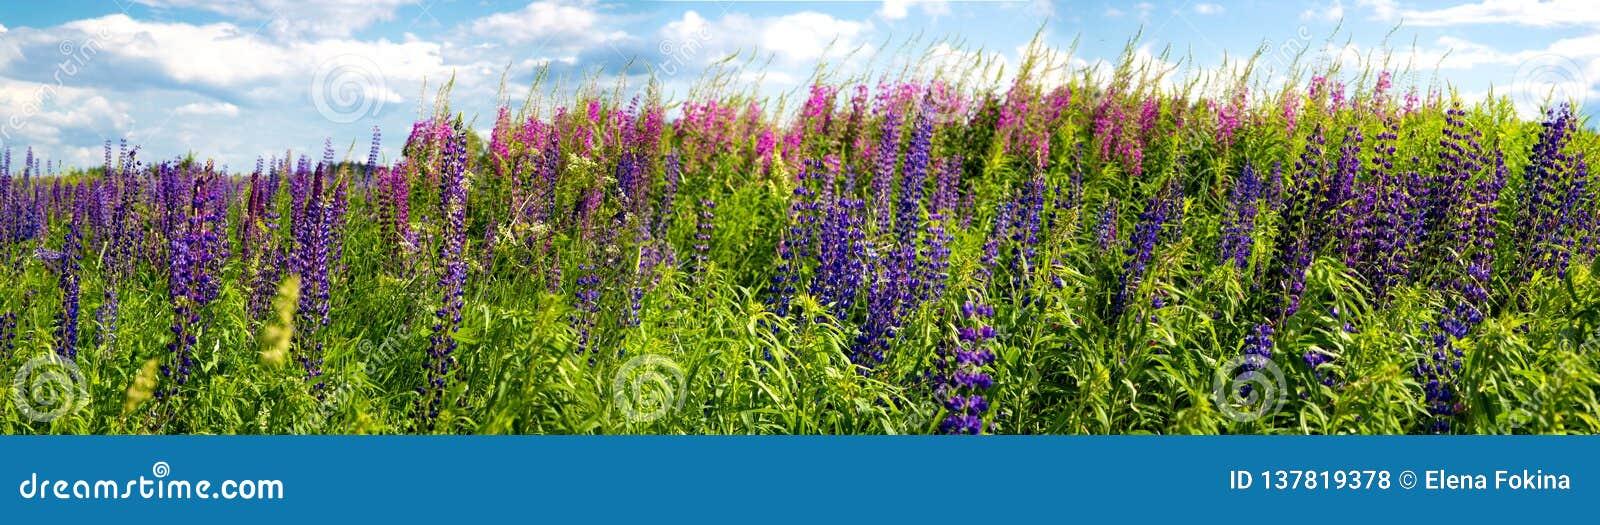 Belles fleurs pourpres sur un pré rural